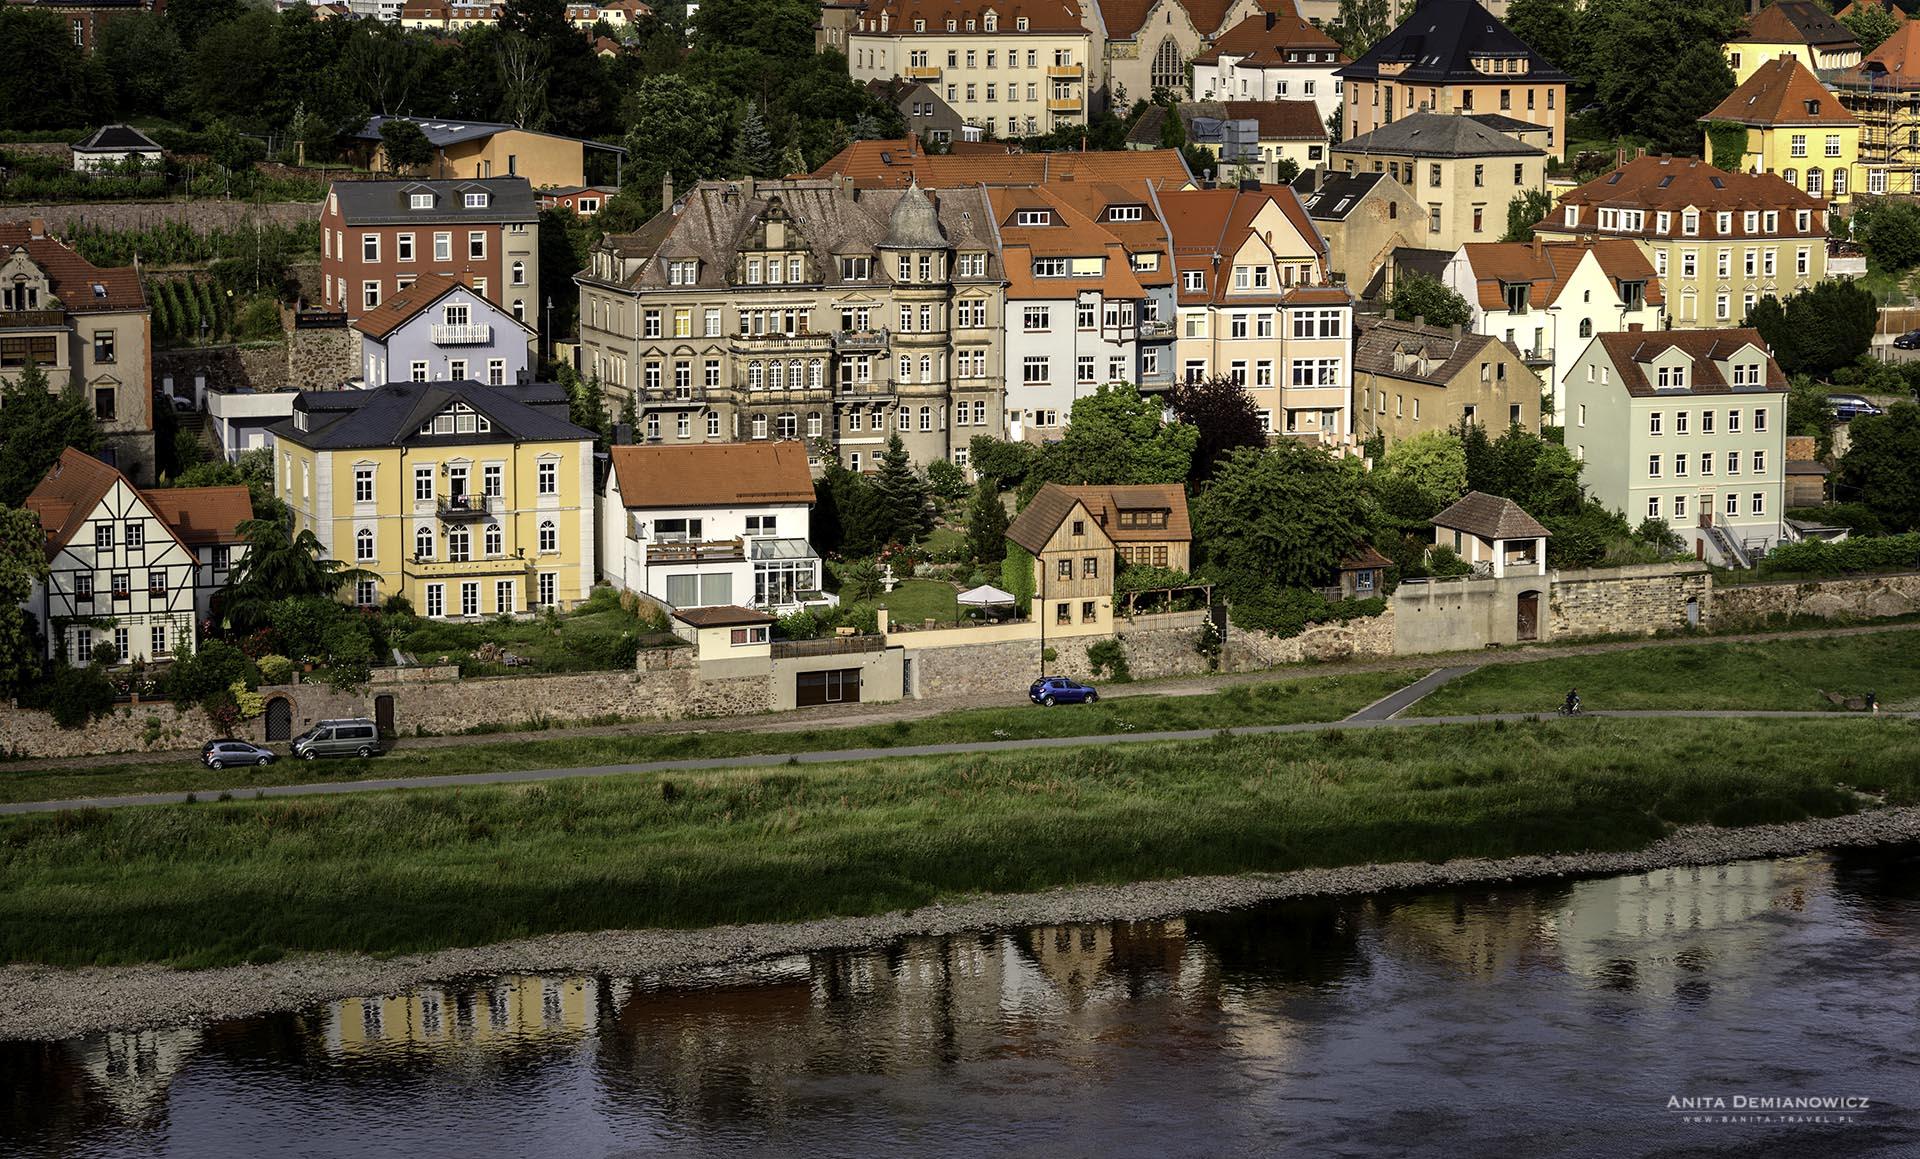 Miśnia, Wzgórze zamkowe, Saksonia